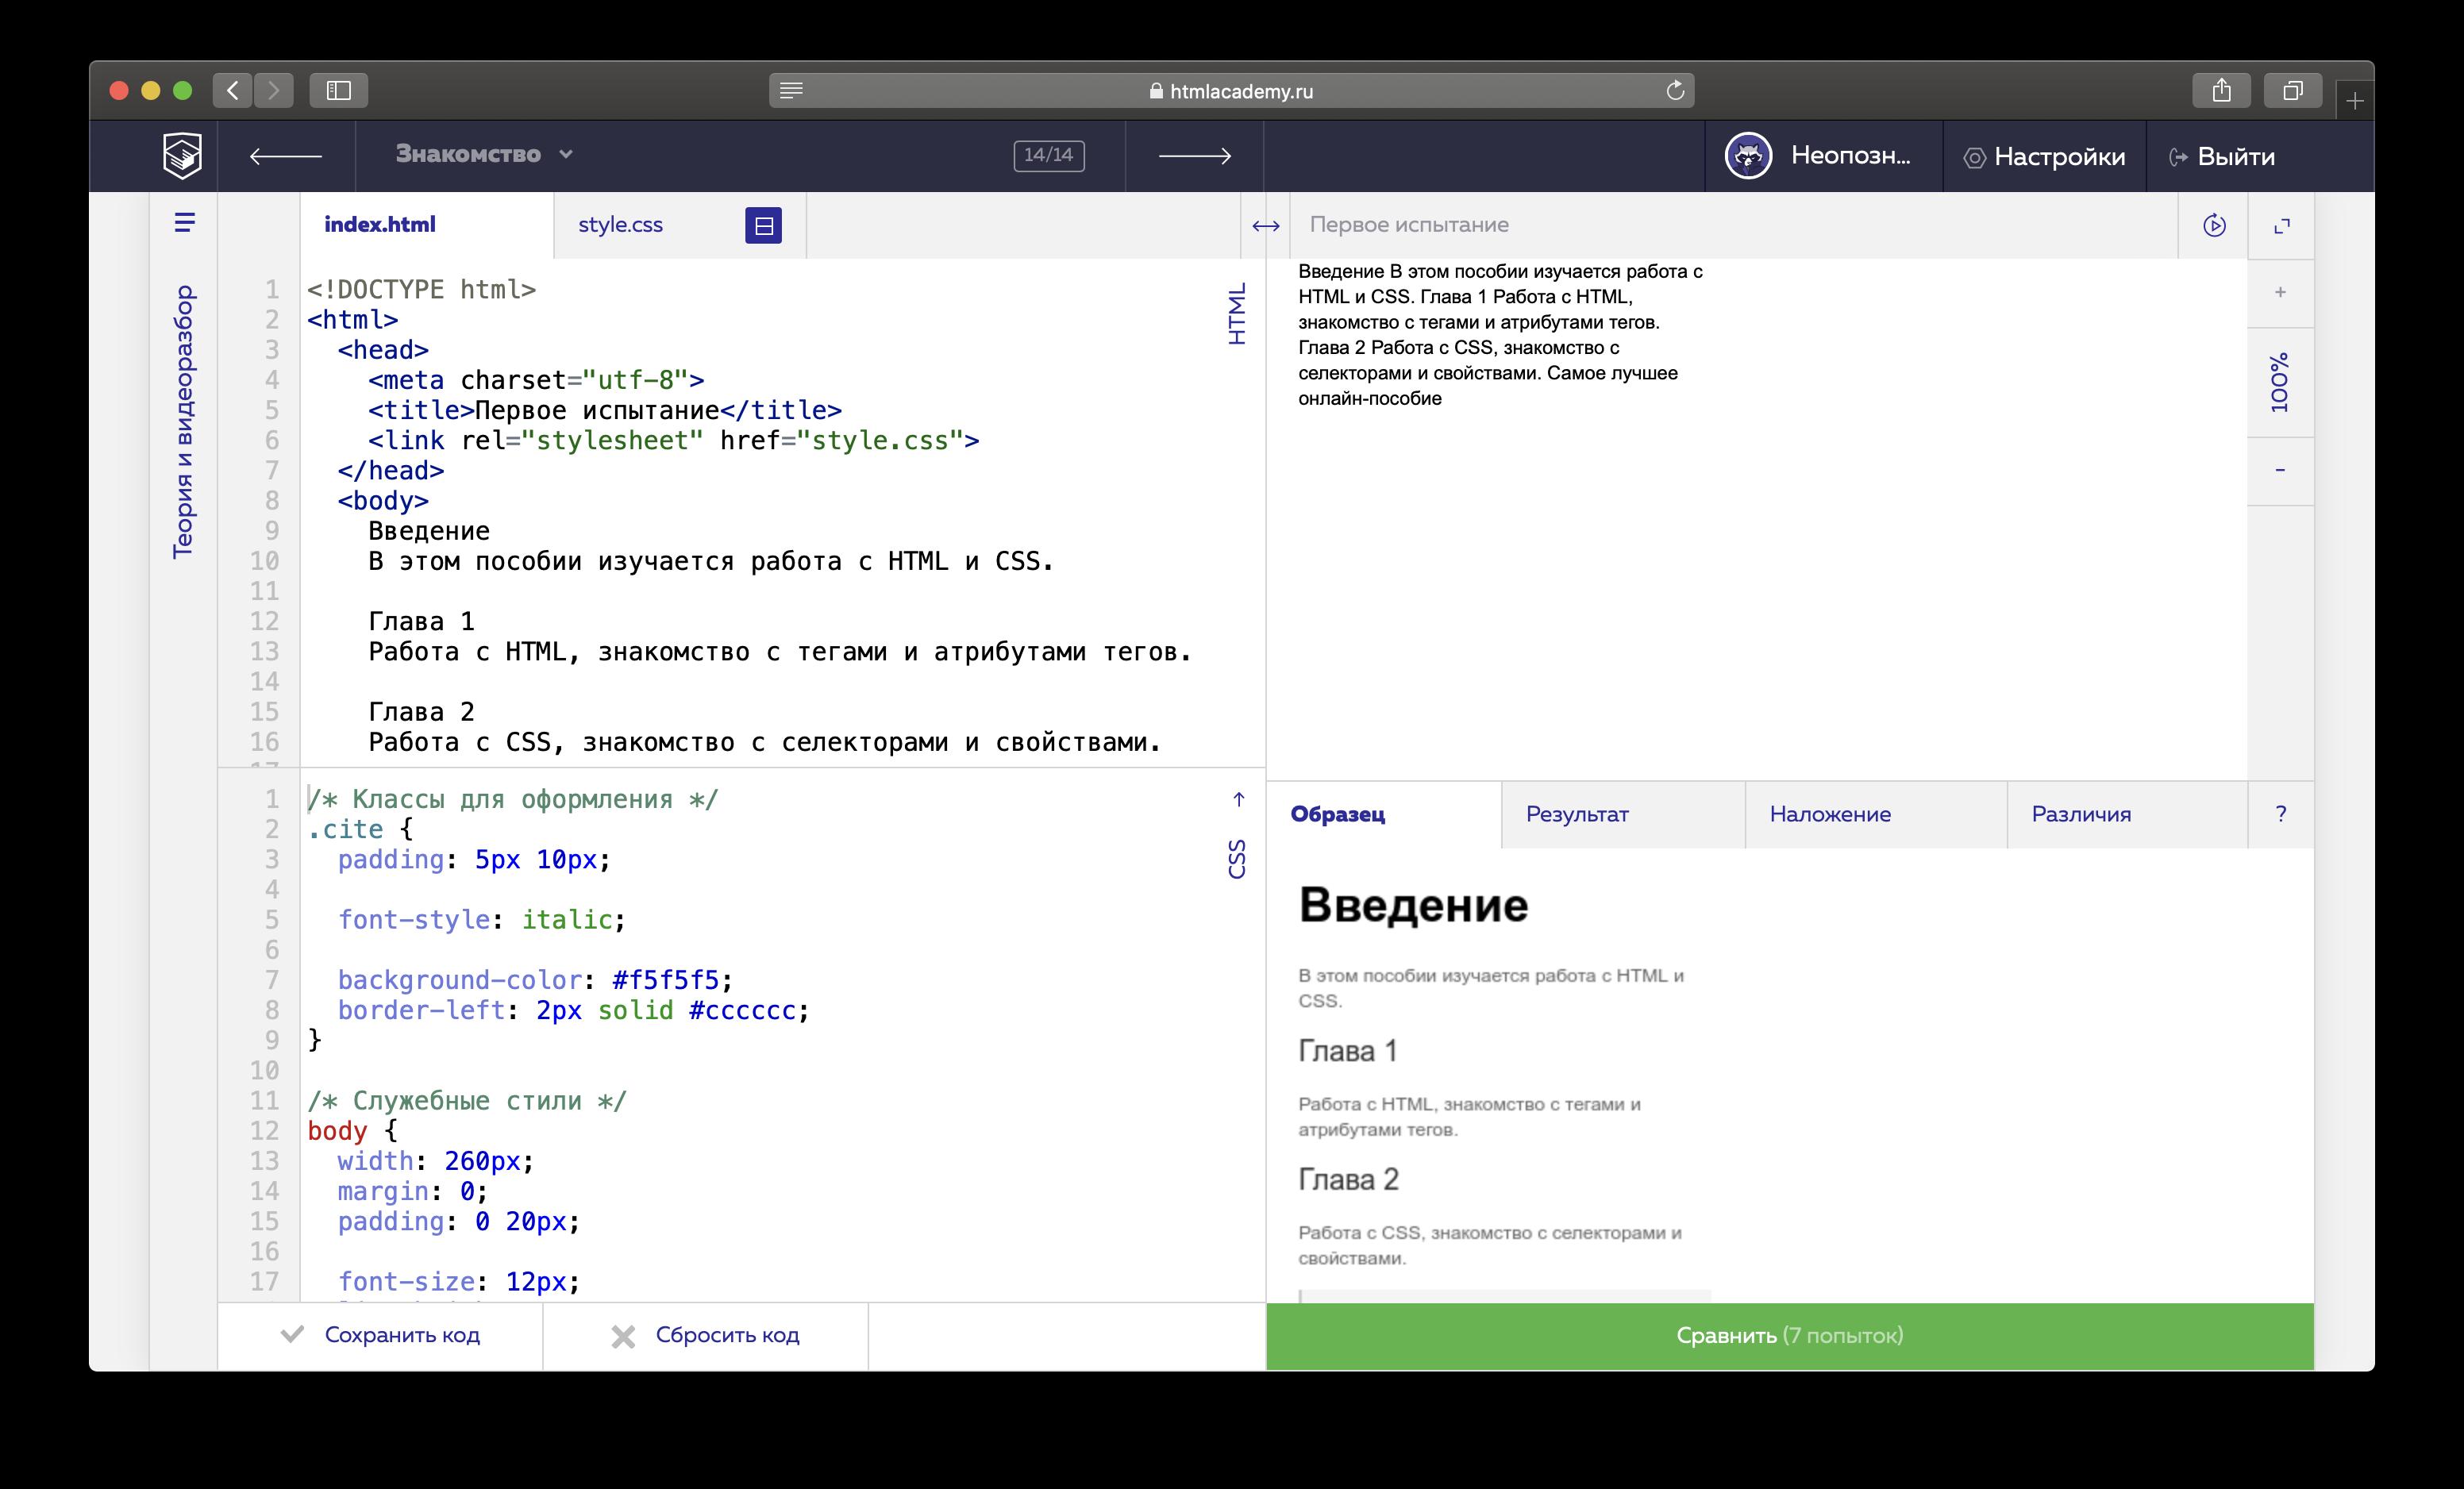 Шесть бесплатных автоматизированных платформ для изучения программирования - 1